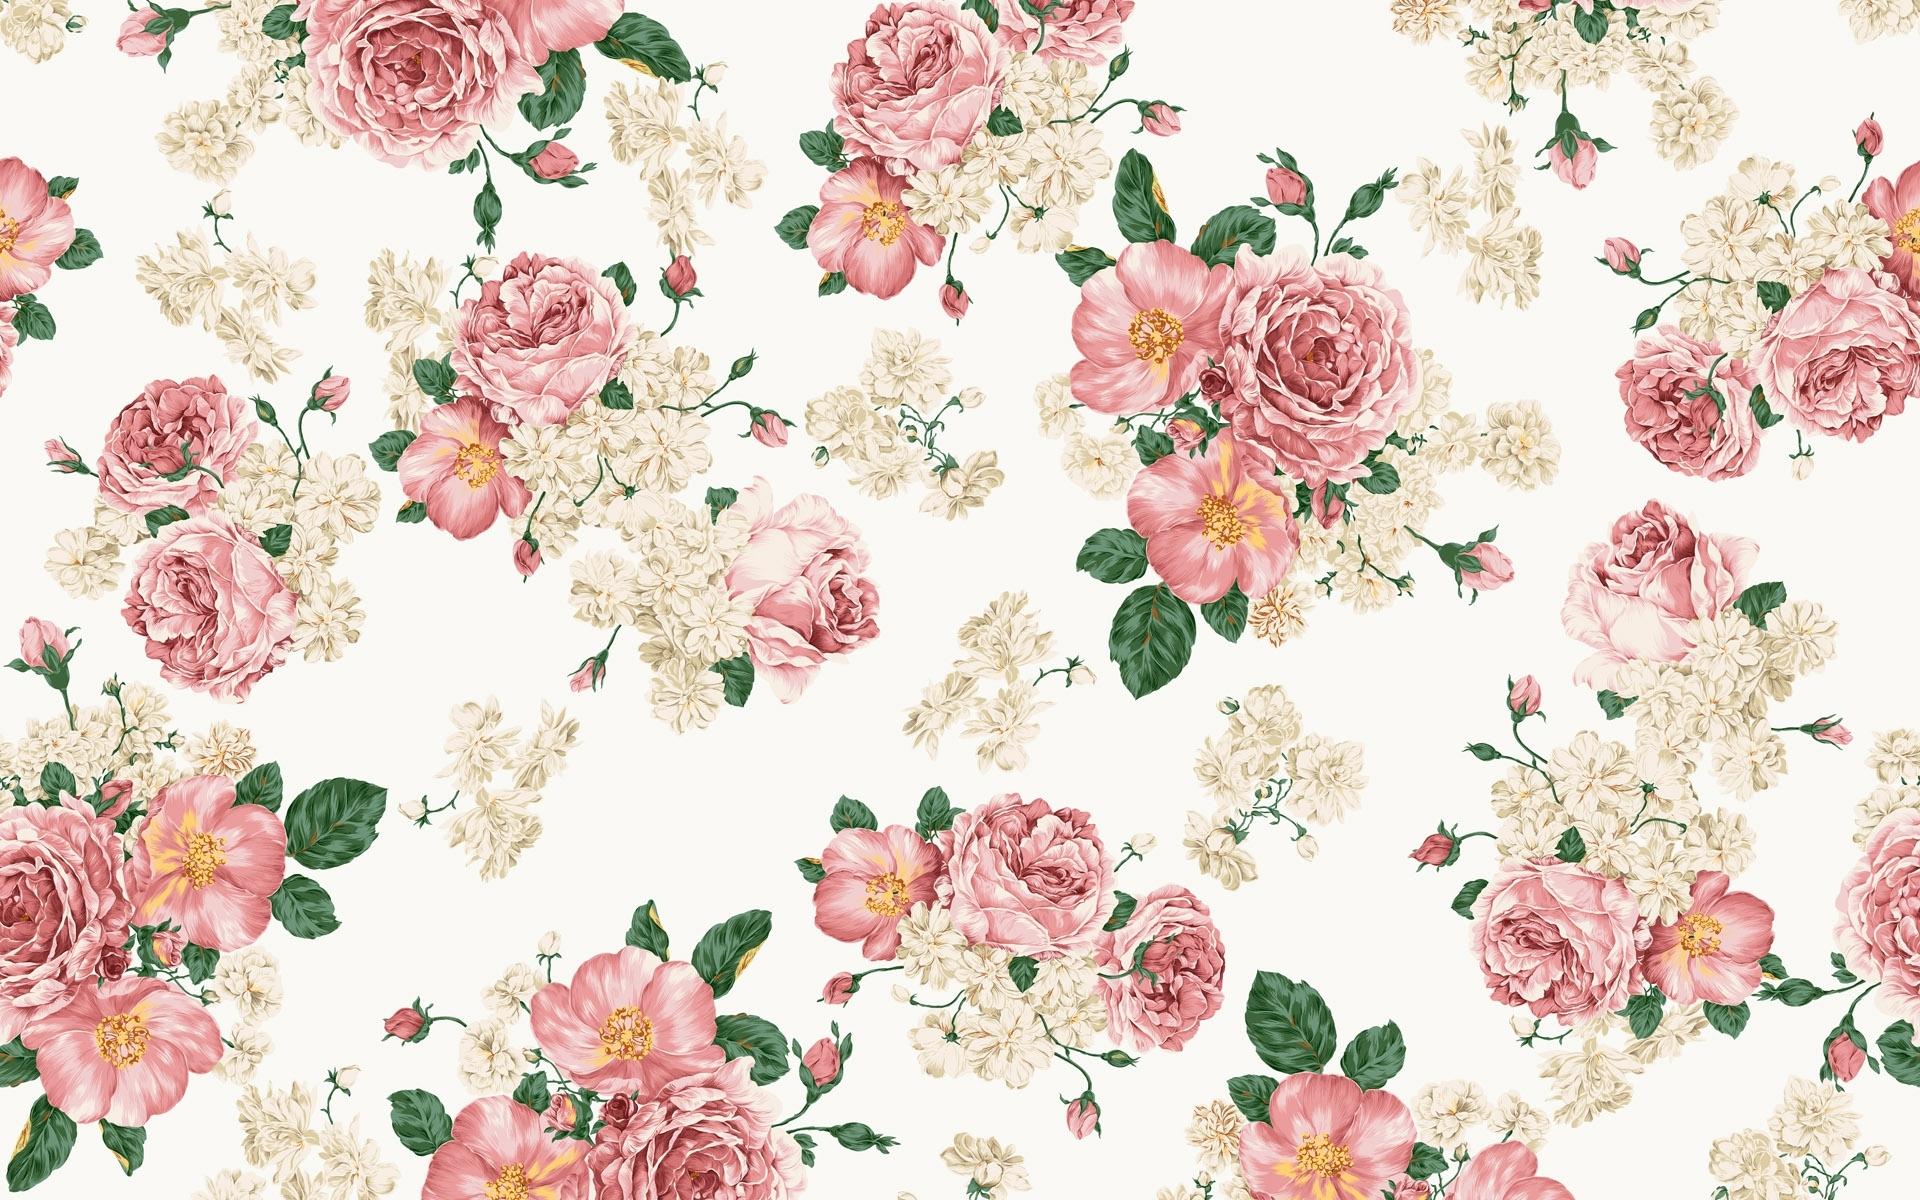 vintage floral backgrounds - wallpaper.wiki